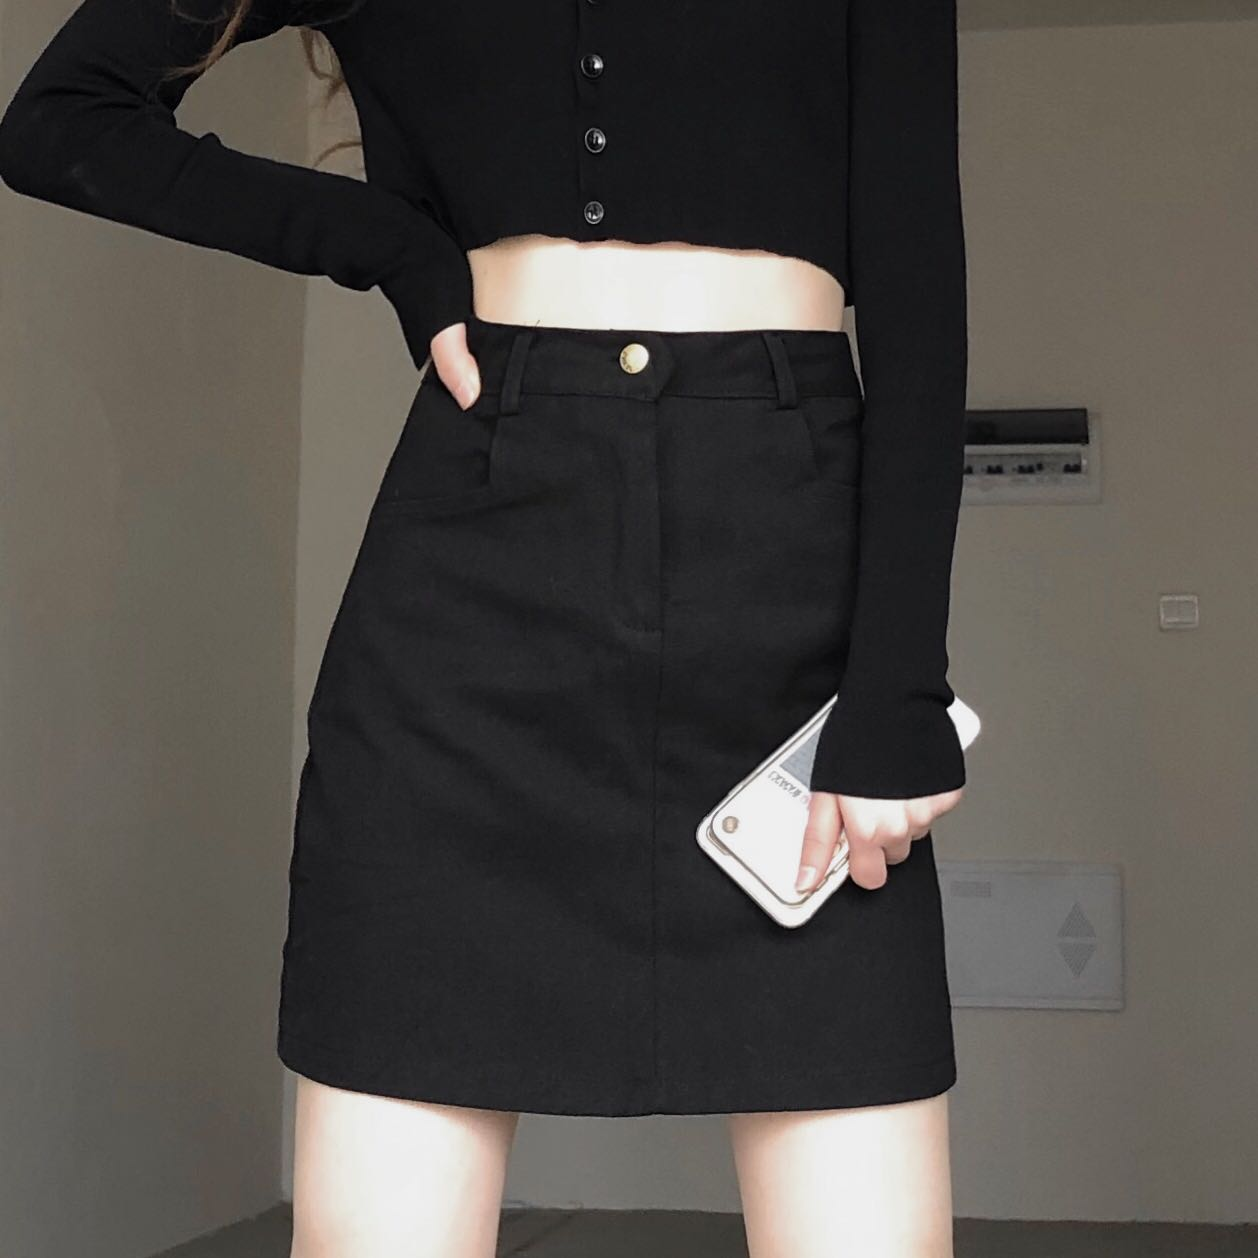 绿色半身裙 Lazy Fendy纯色百搭高腰A字版黑色韩版短裙夏季显瘦半身裙简约风_推荐淘宝好看的绿色半身裙